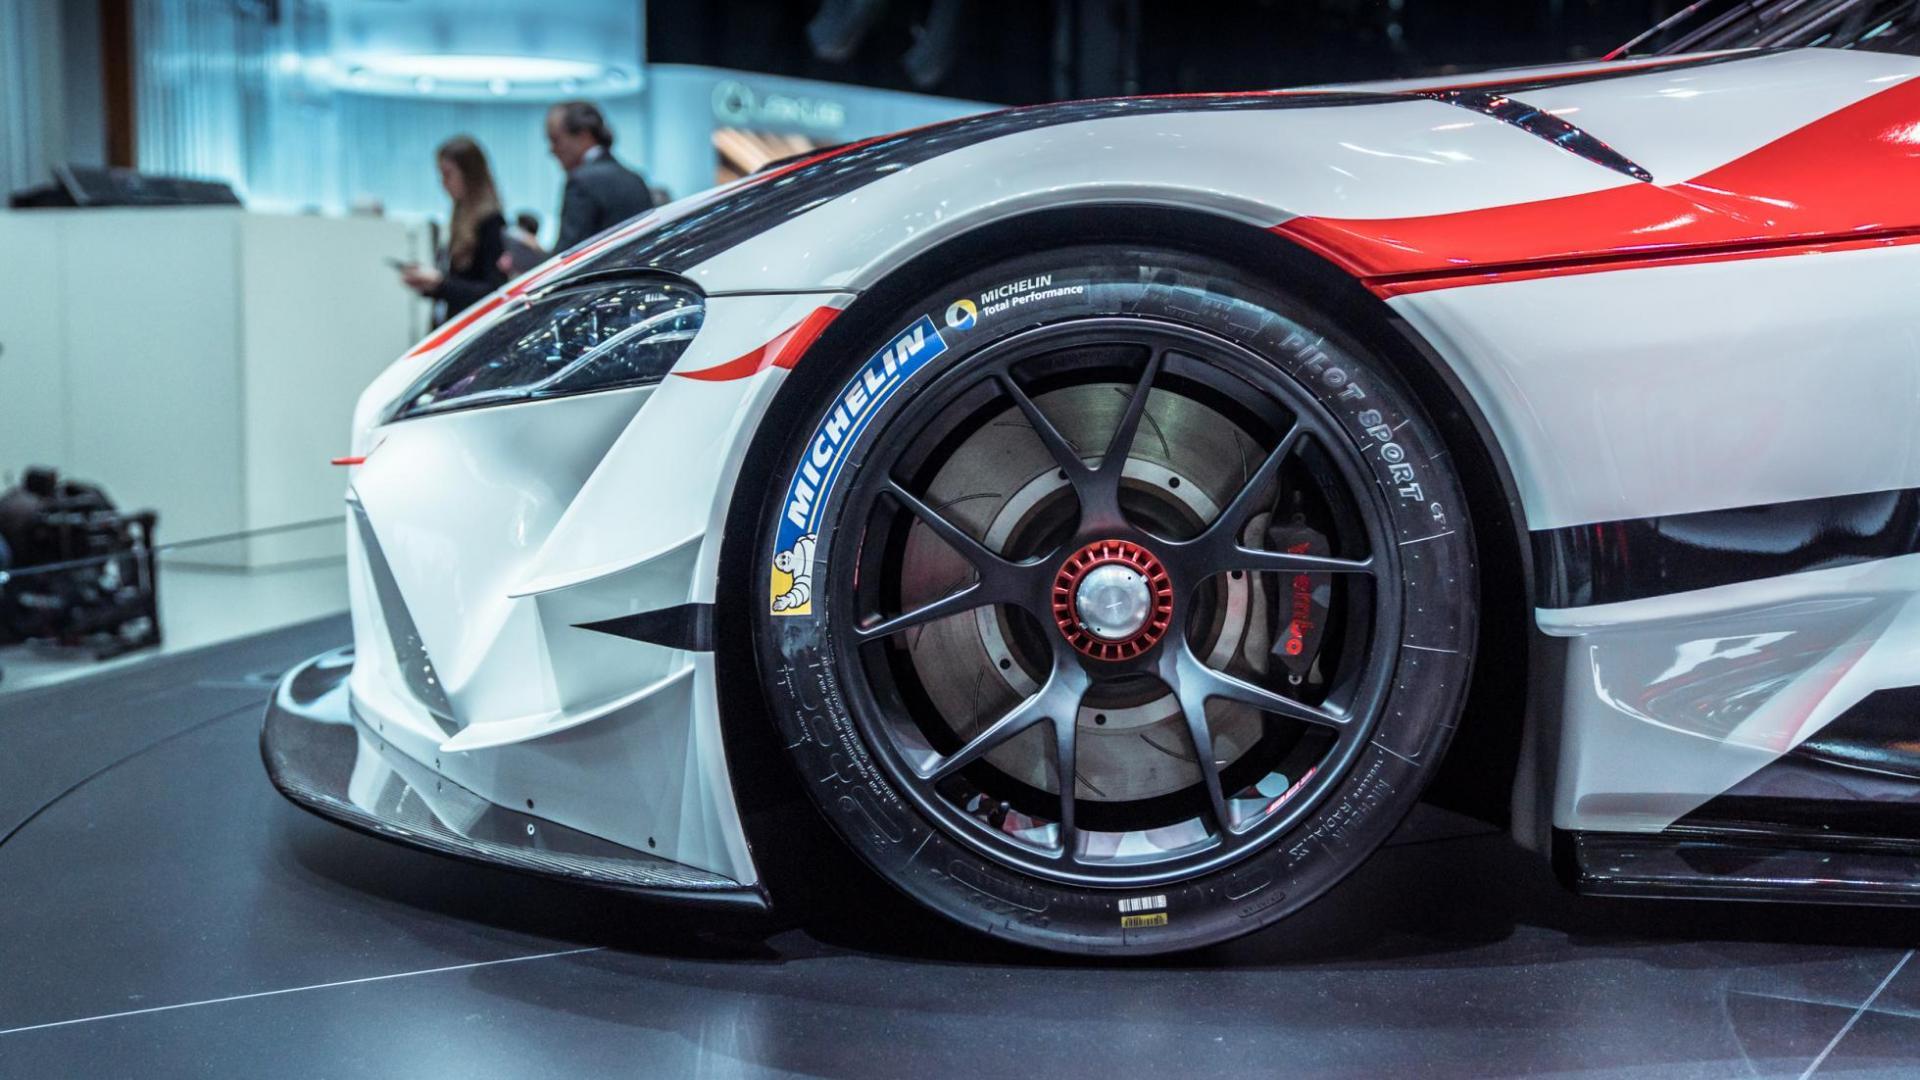 Nouvelle Toyota Supra 2018 >> Toyota Supra (2019) - releasedatum, specificaties en motor - TopGear